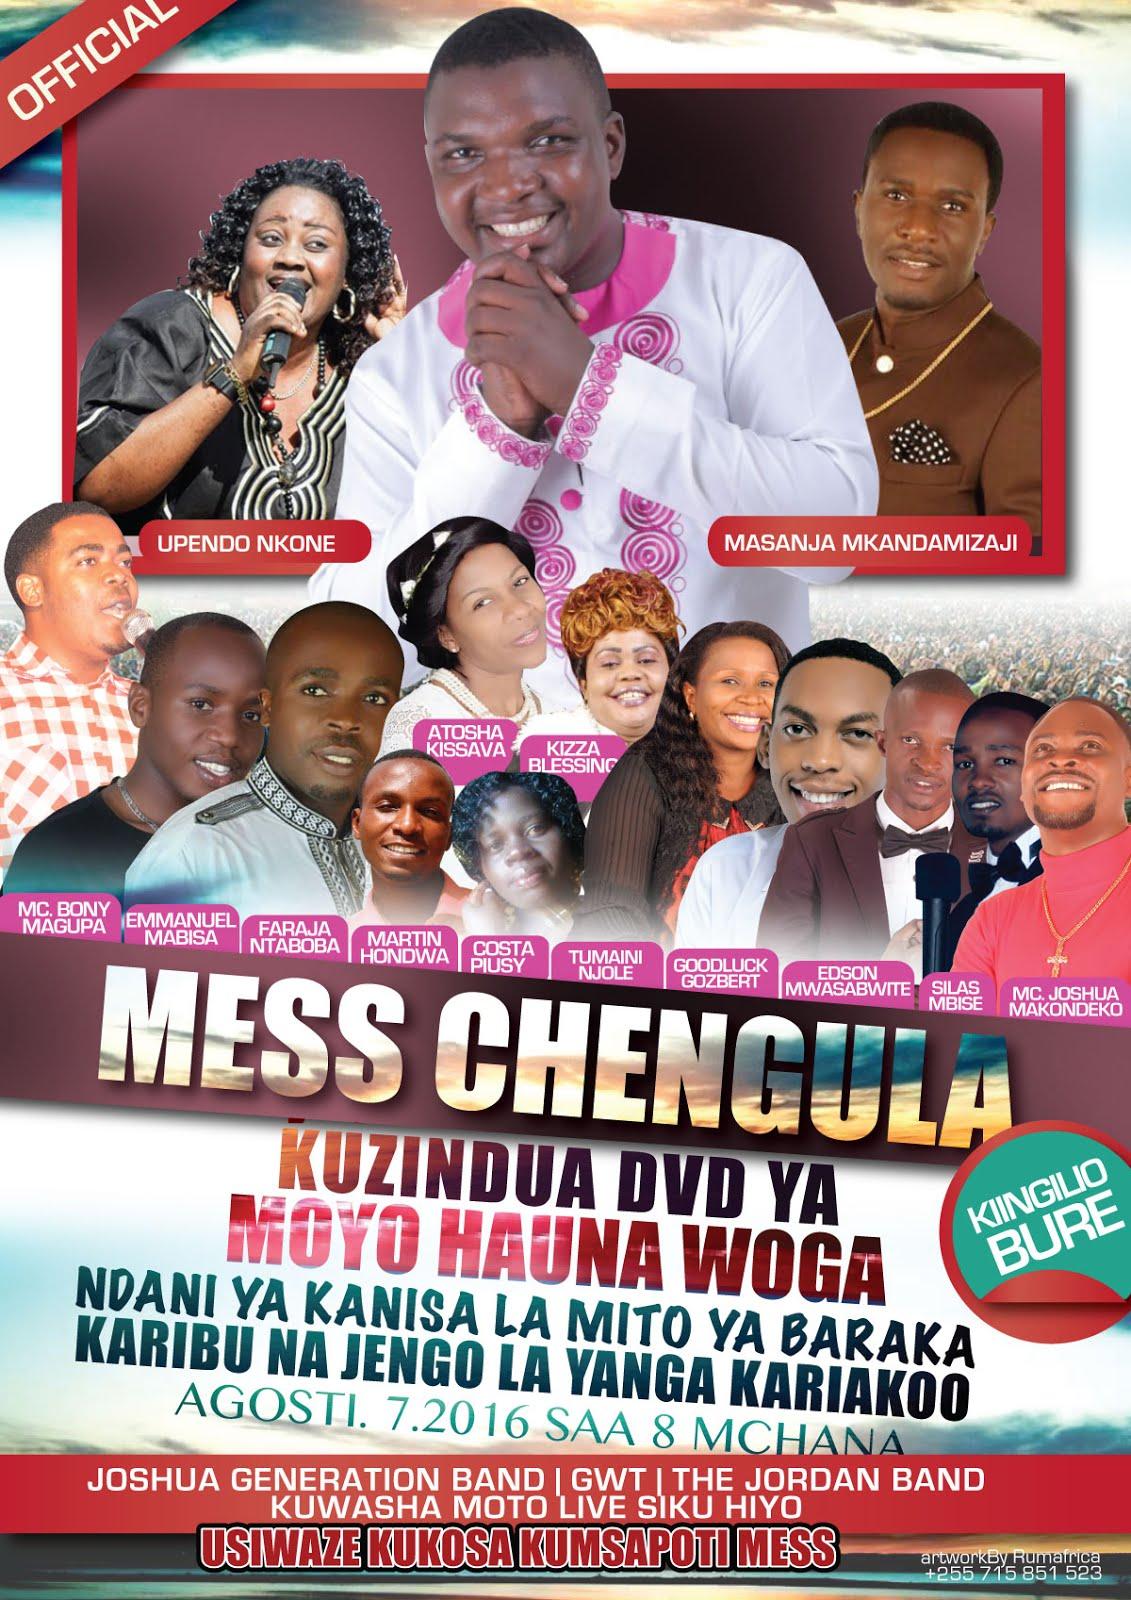 MESS CHENGULA - MOYO HAUNA WOGA KUZINDULIWA